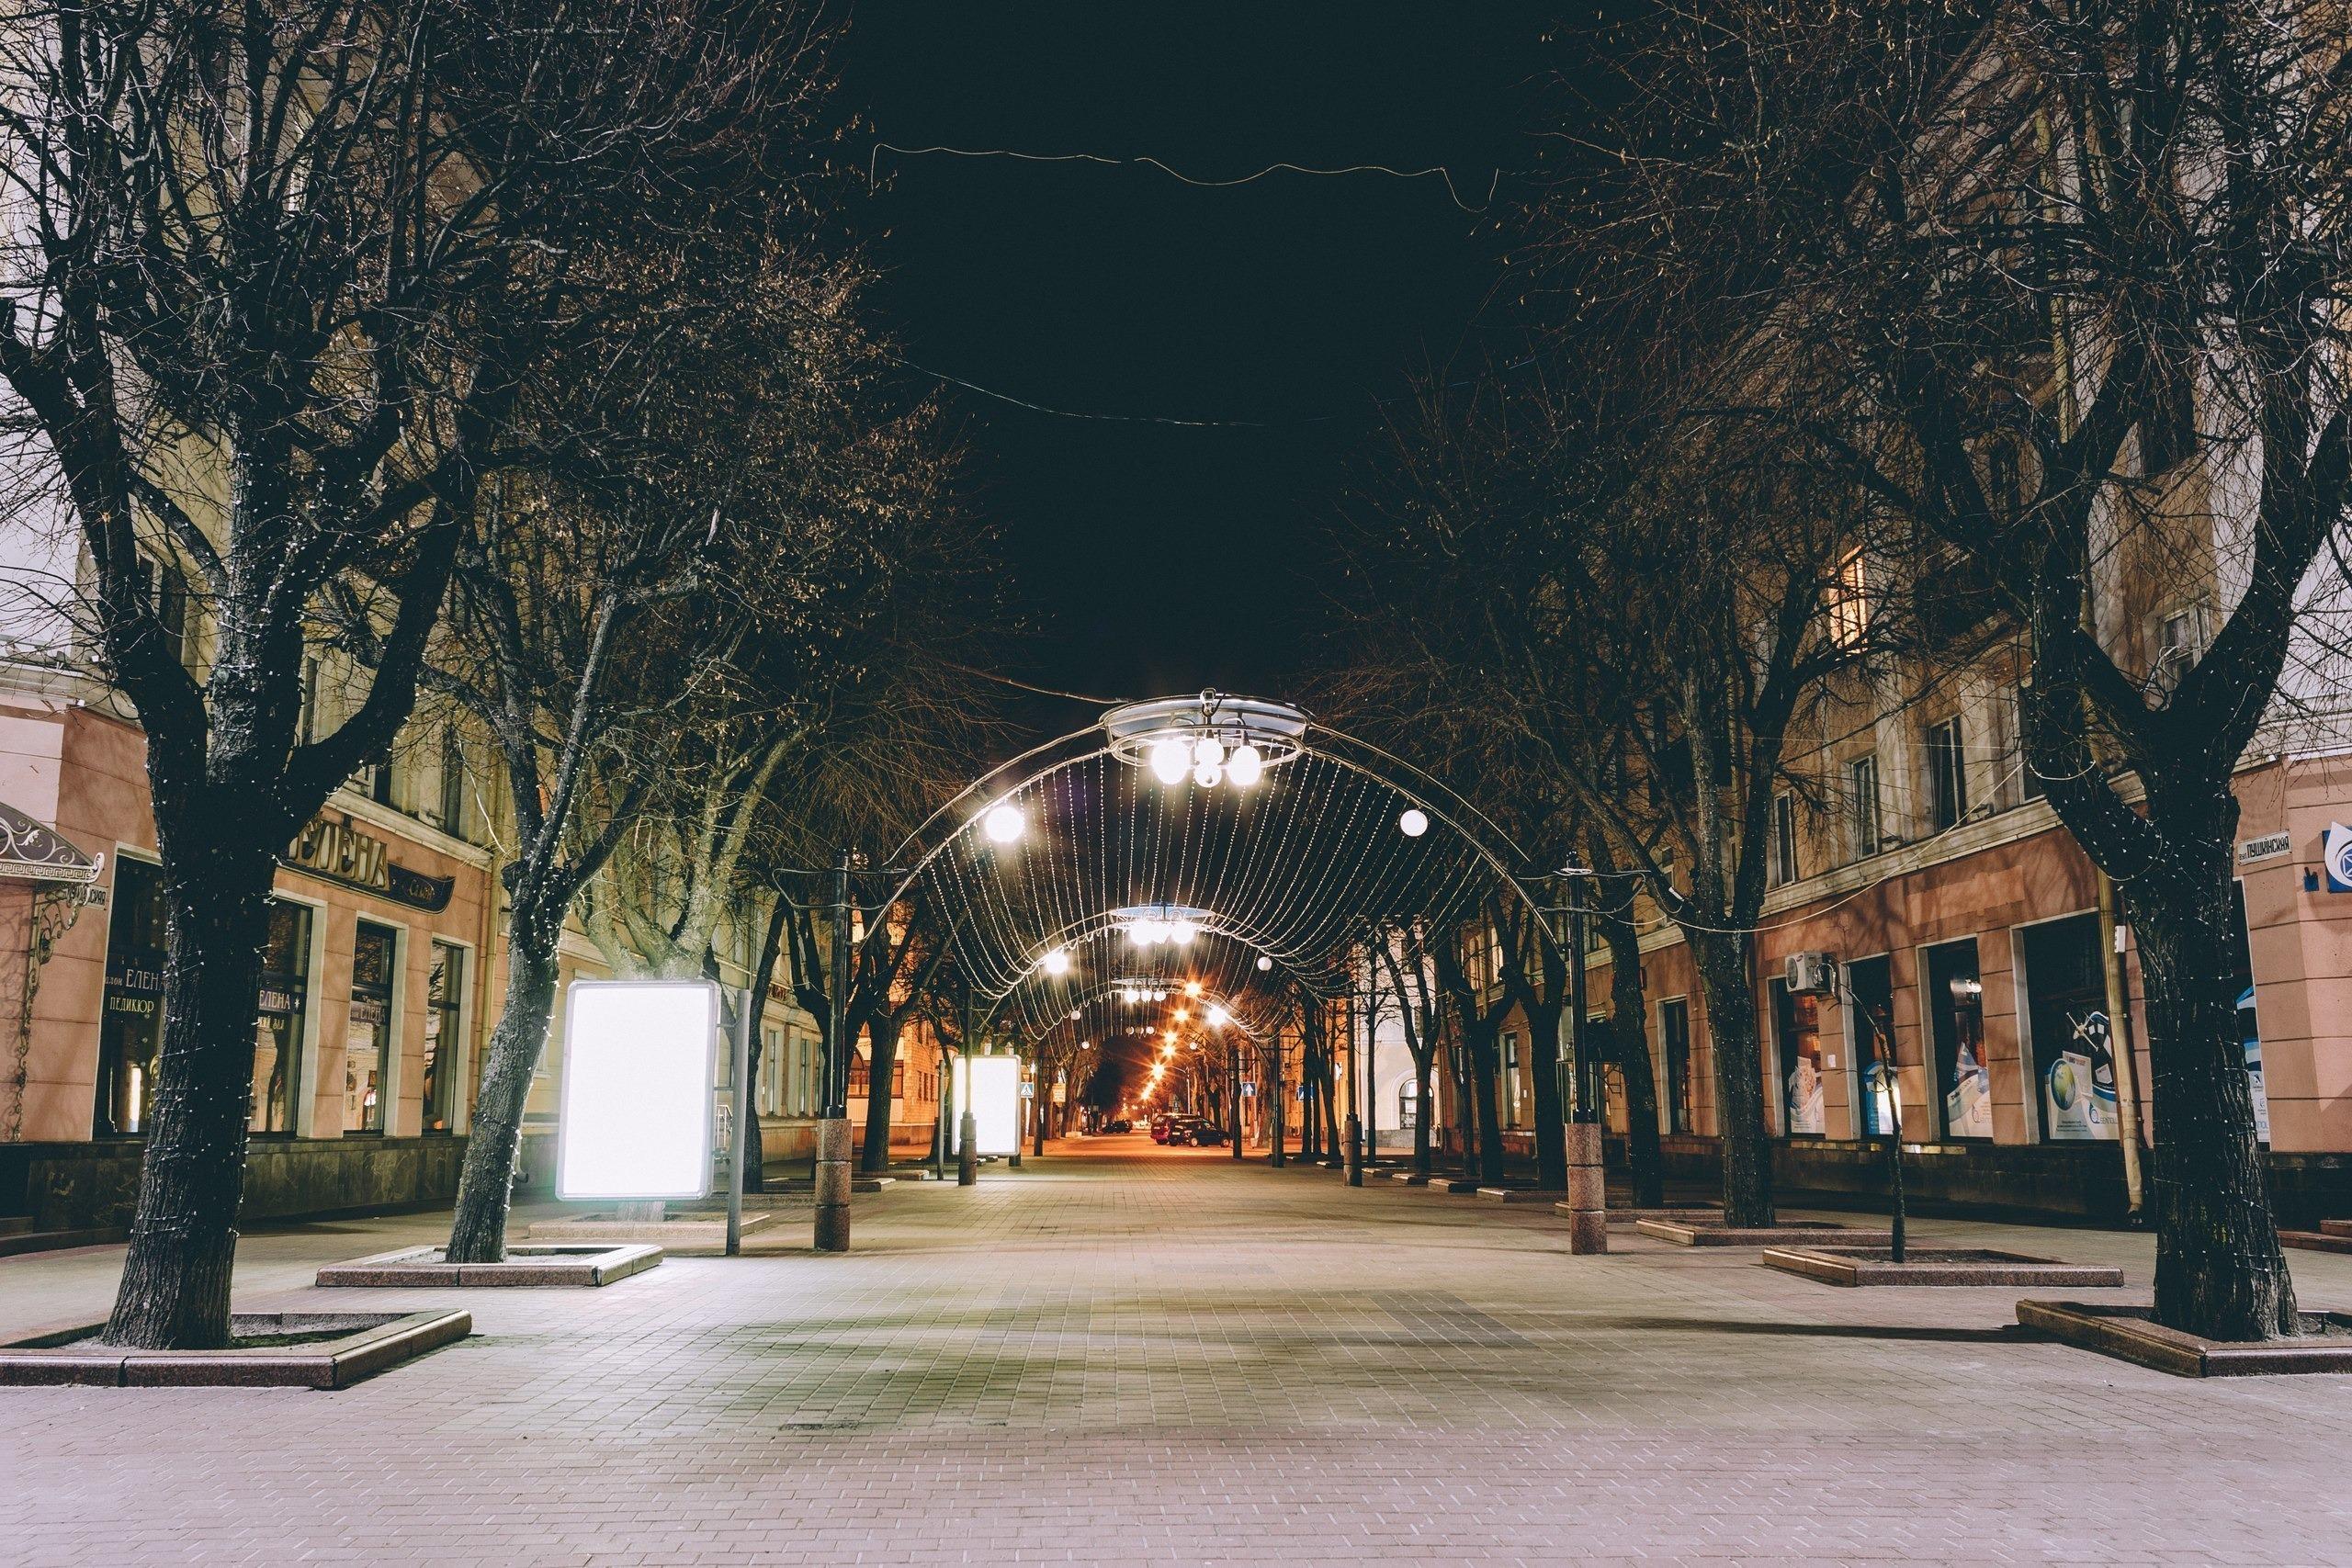 Фото: Макс Романцов